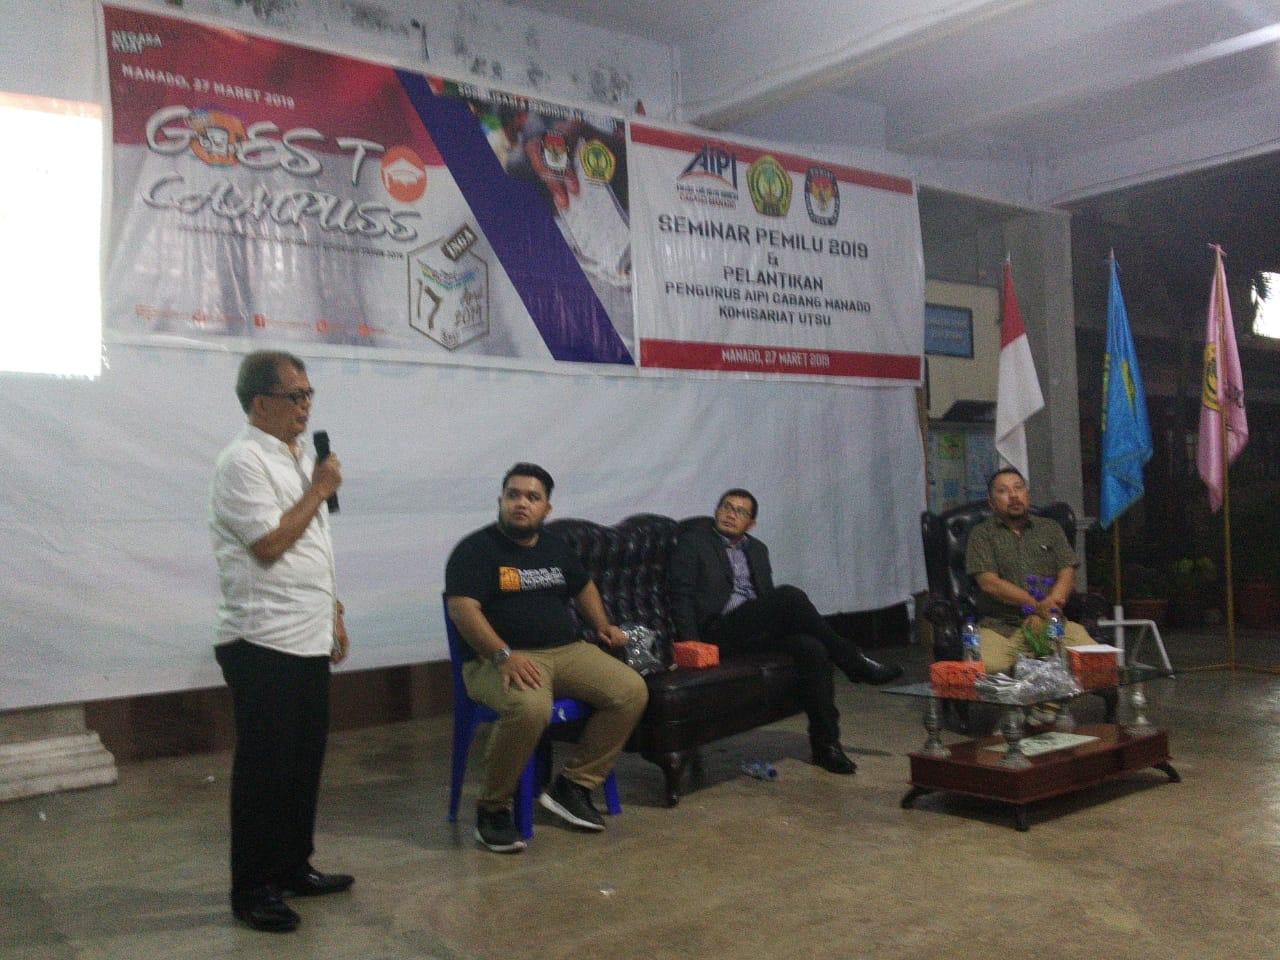 UTSU, AIPI dan KPU Sulut Gelar Seminar Pemilu, Detik-Detik Menuju TPS